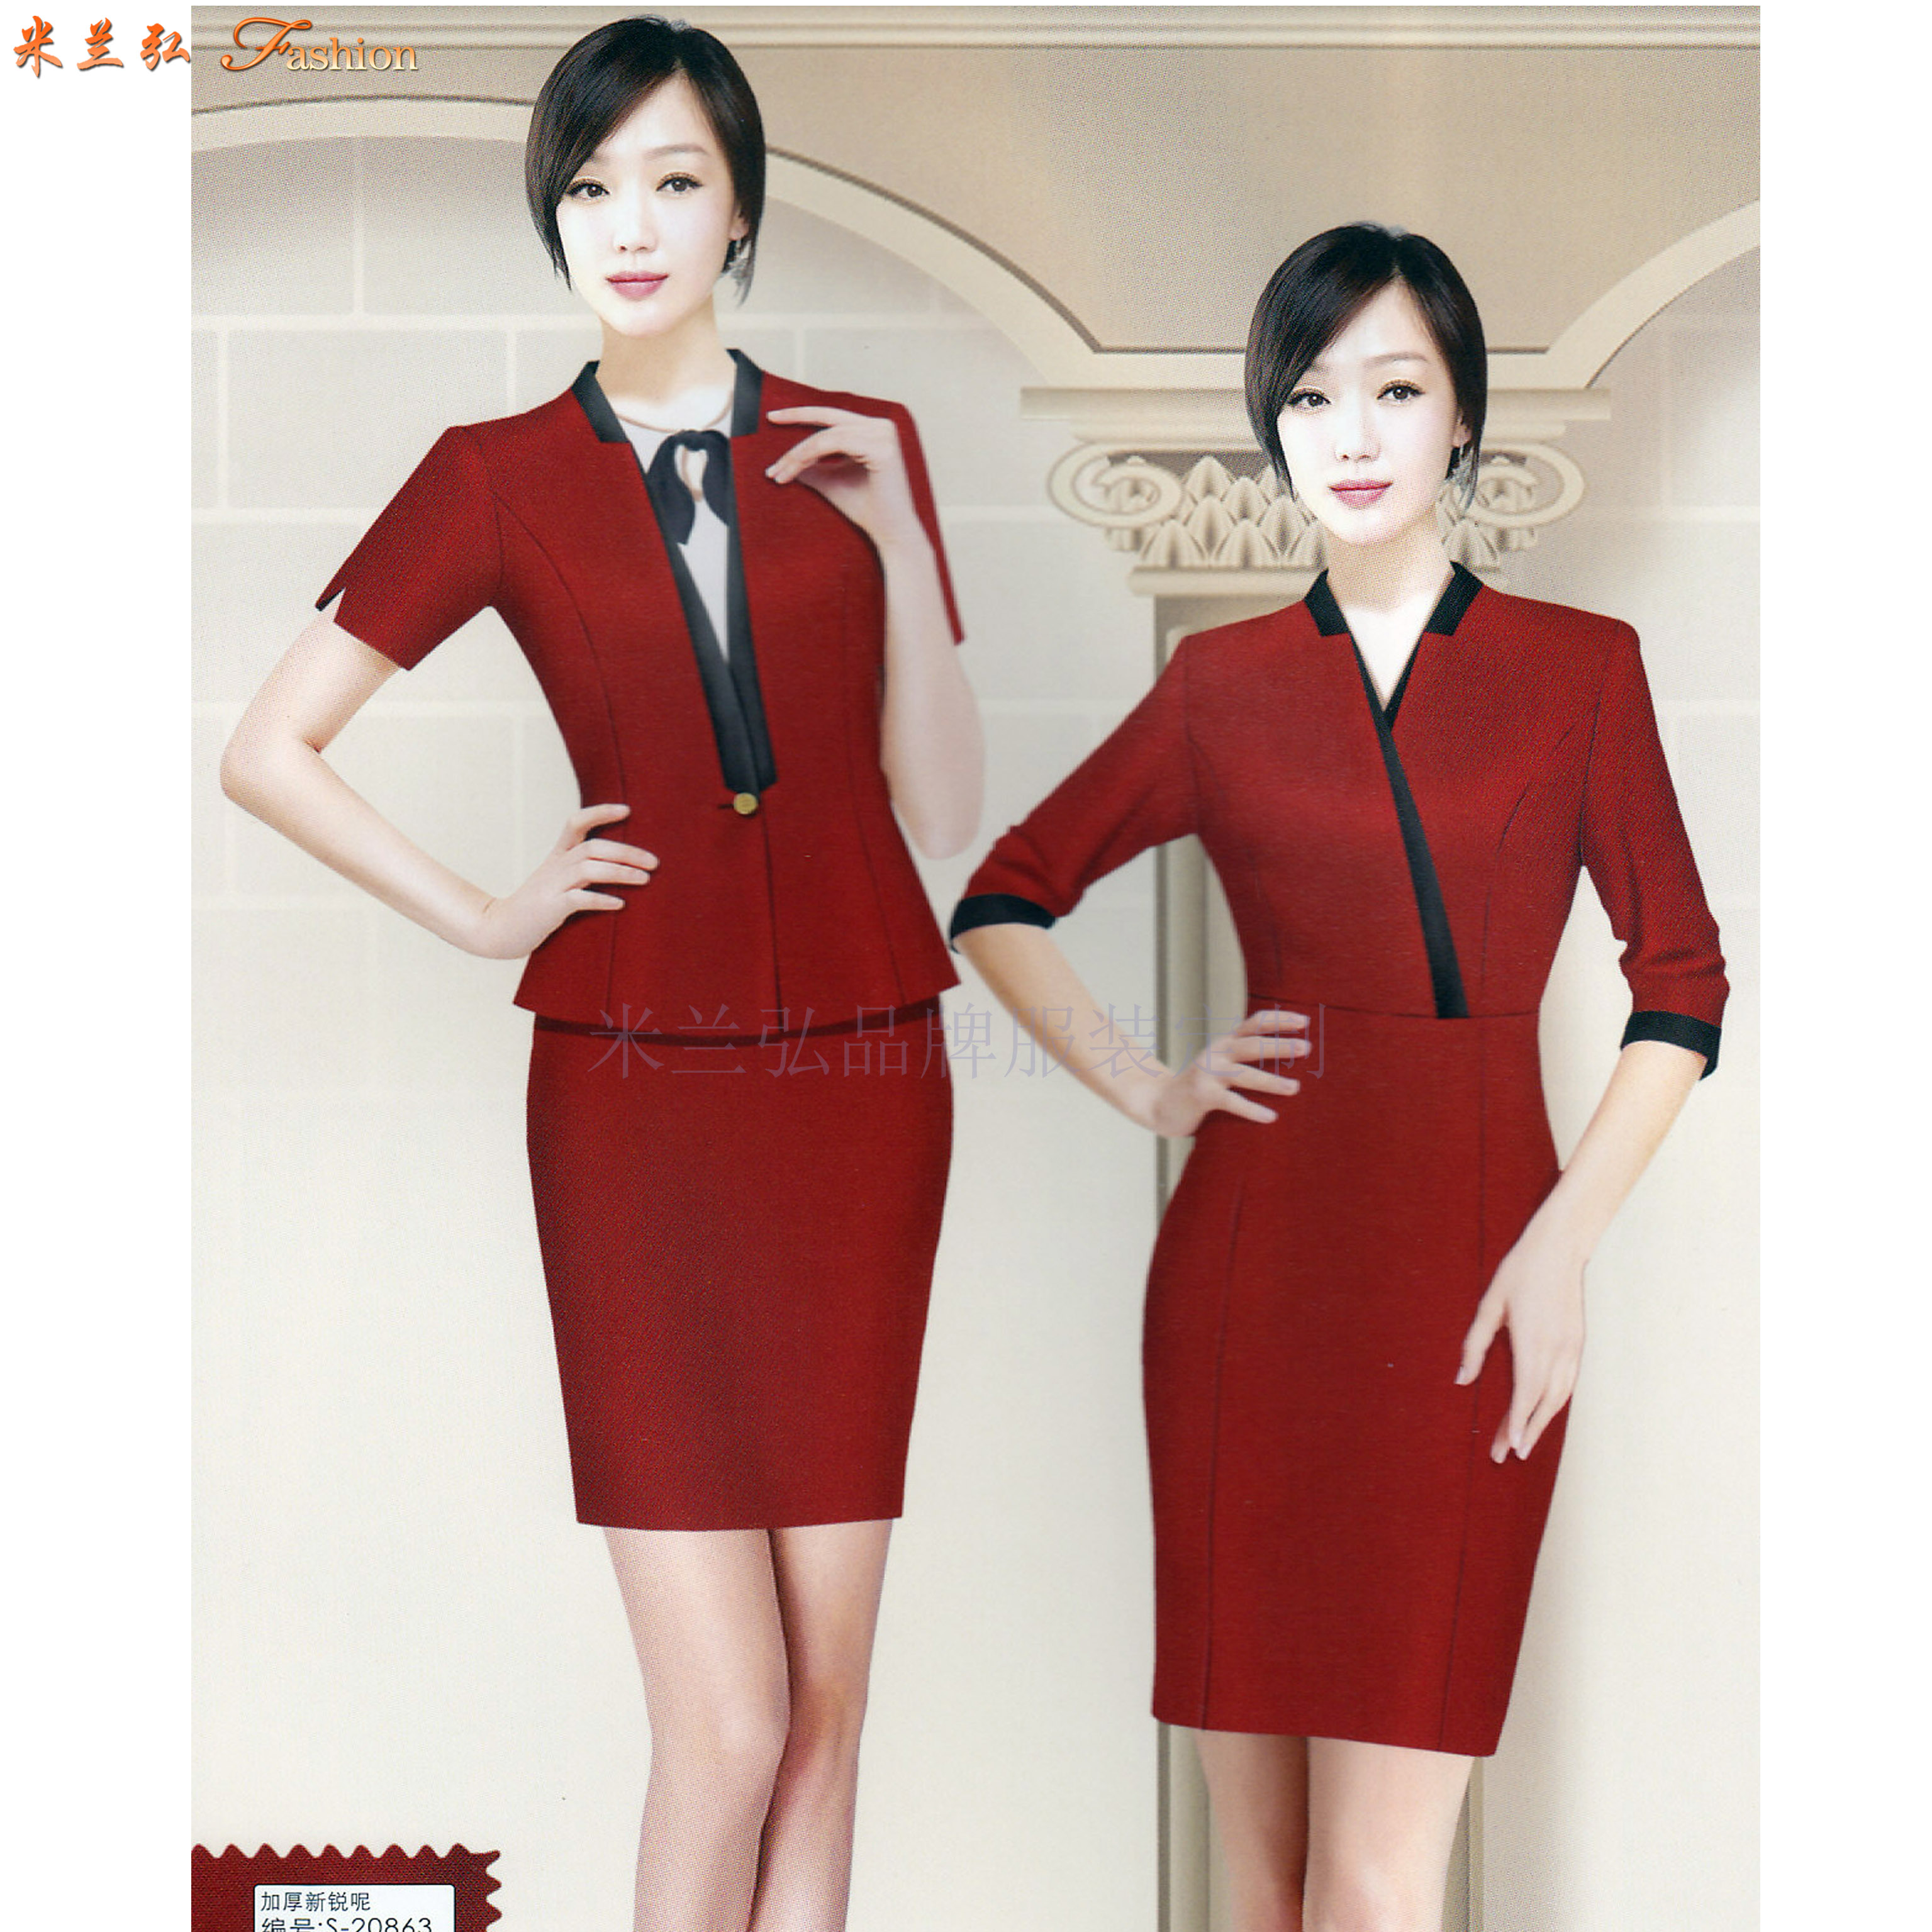 「寧夏空姐服」吳忠市量體定做航空公司空姐服-米蘭弘服裝-5